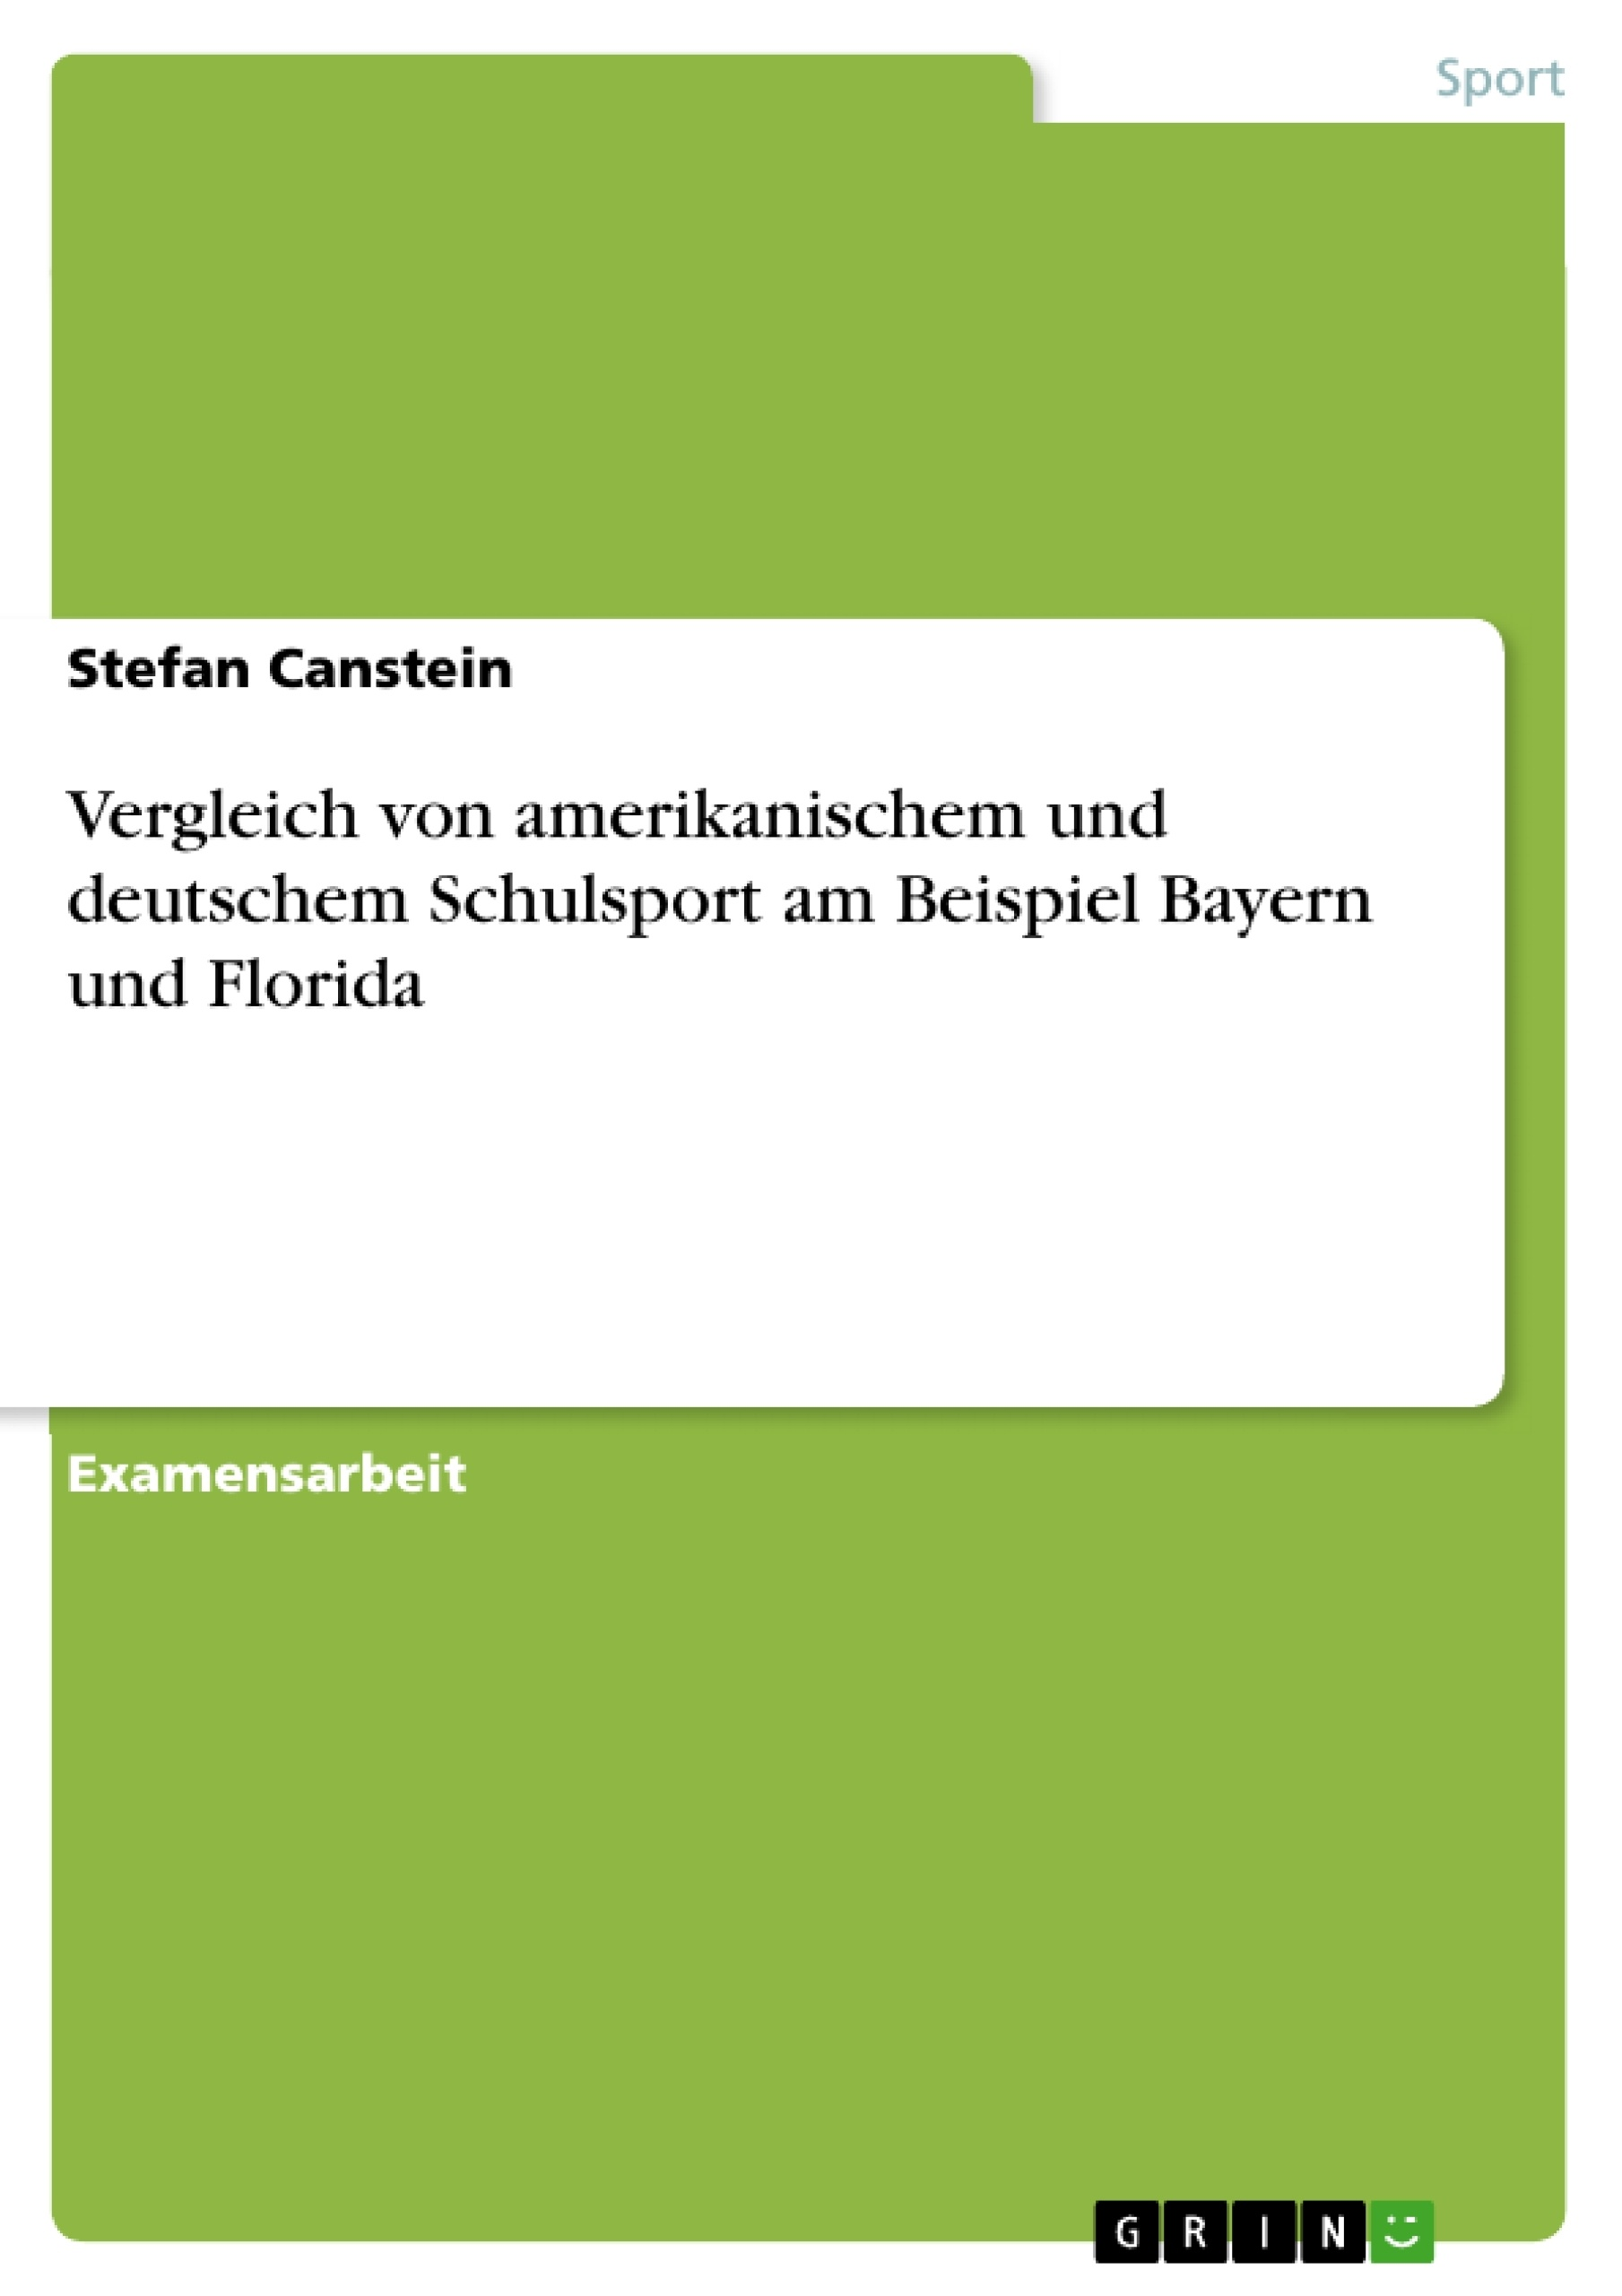 Vergleich von amerikanischem und deutschem Schulsport am Beispiel ...